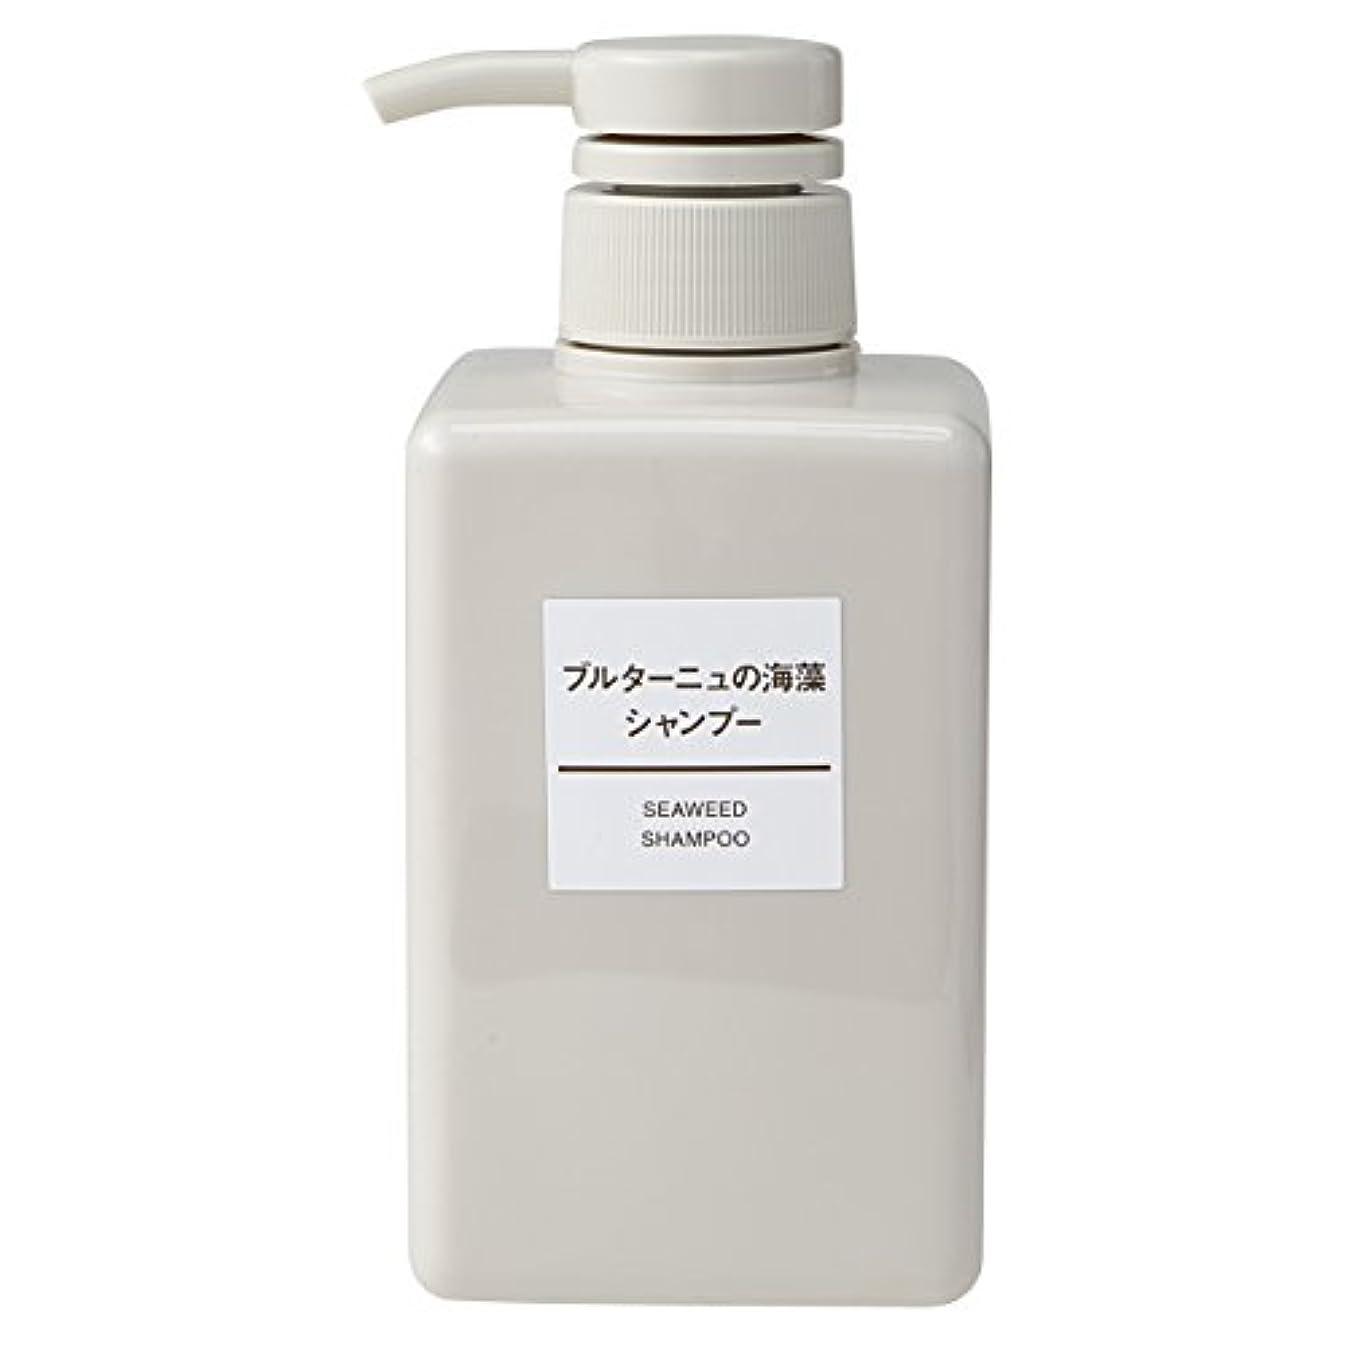 幸福全国活性化する無印良品 ブルターニュの海藻シャンプー 400ml 日本製